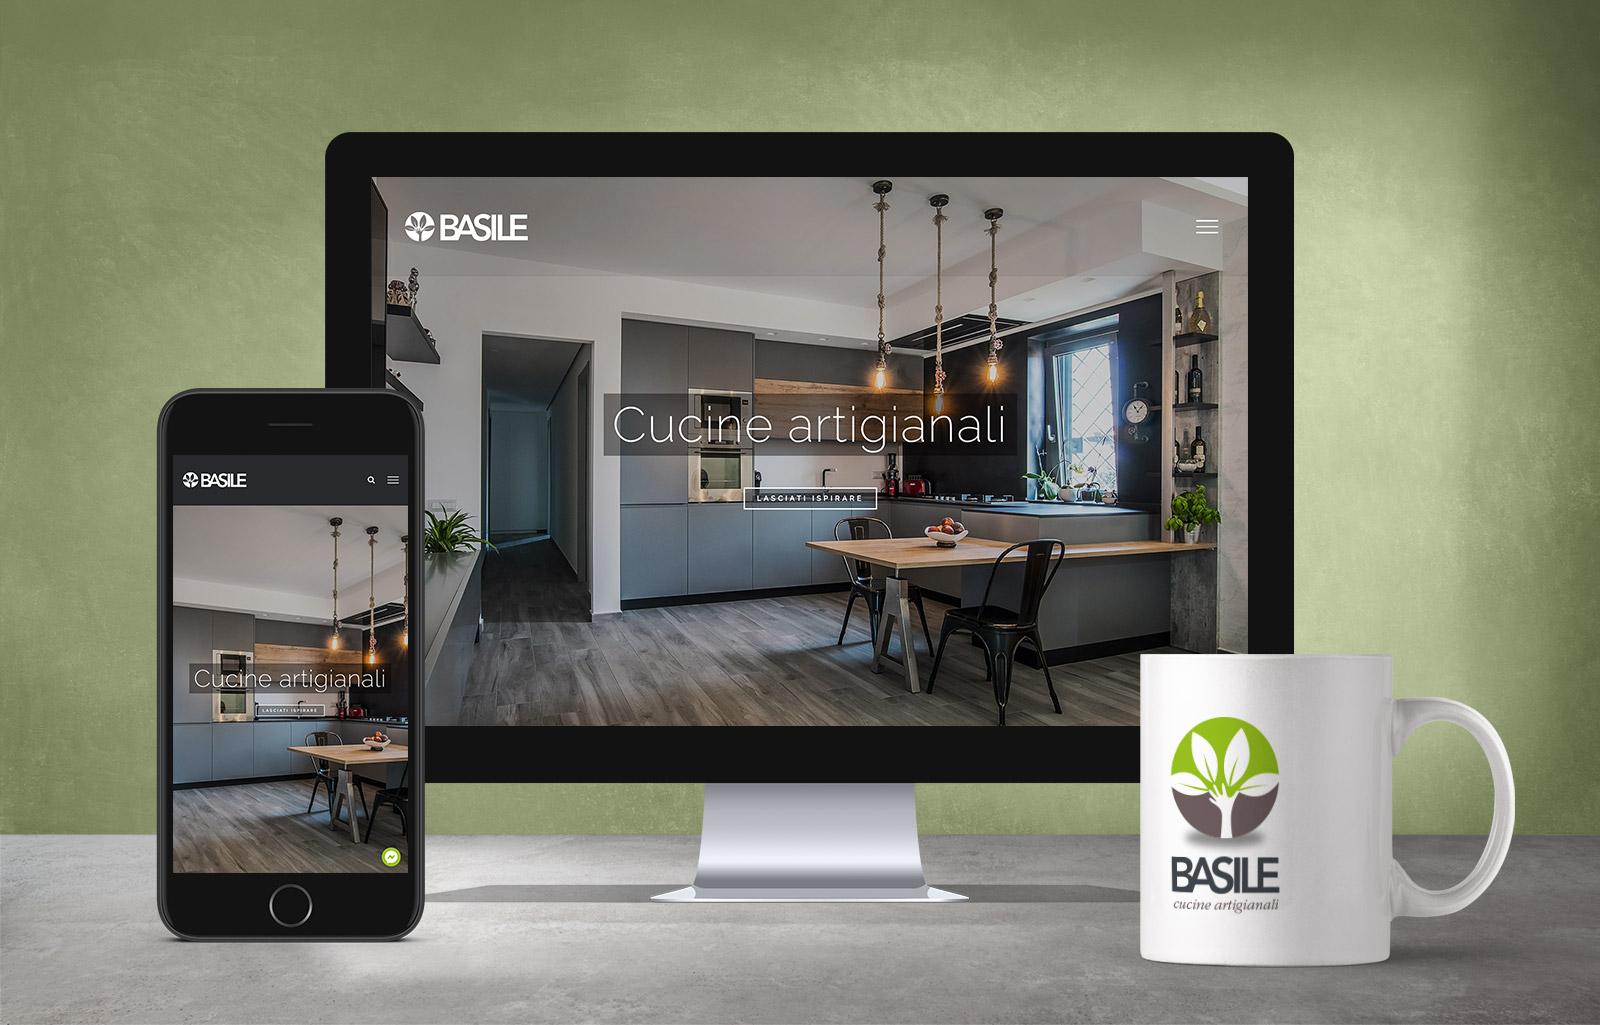 sito web basile cucine Diego Favaretto Web designer